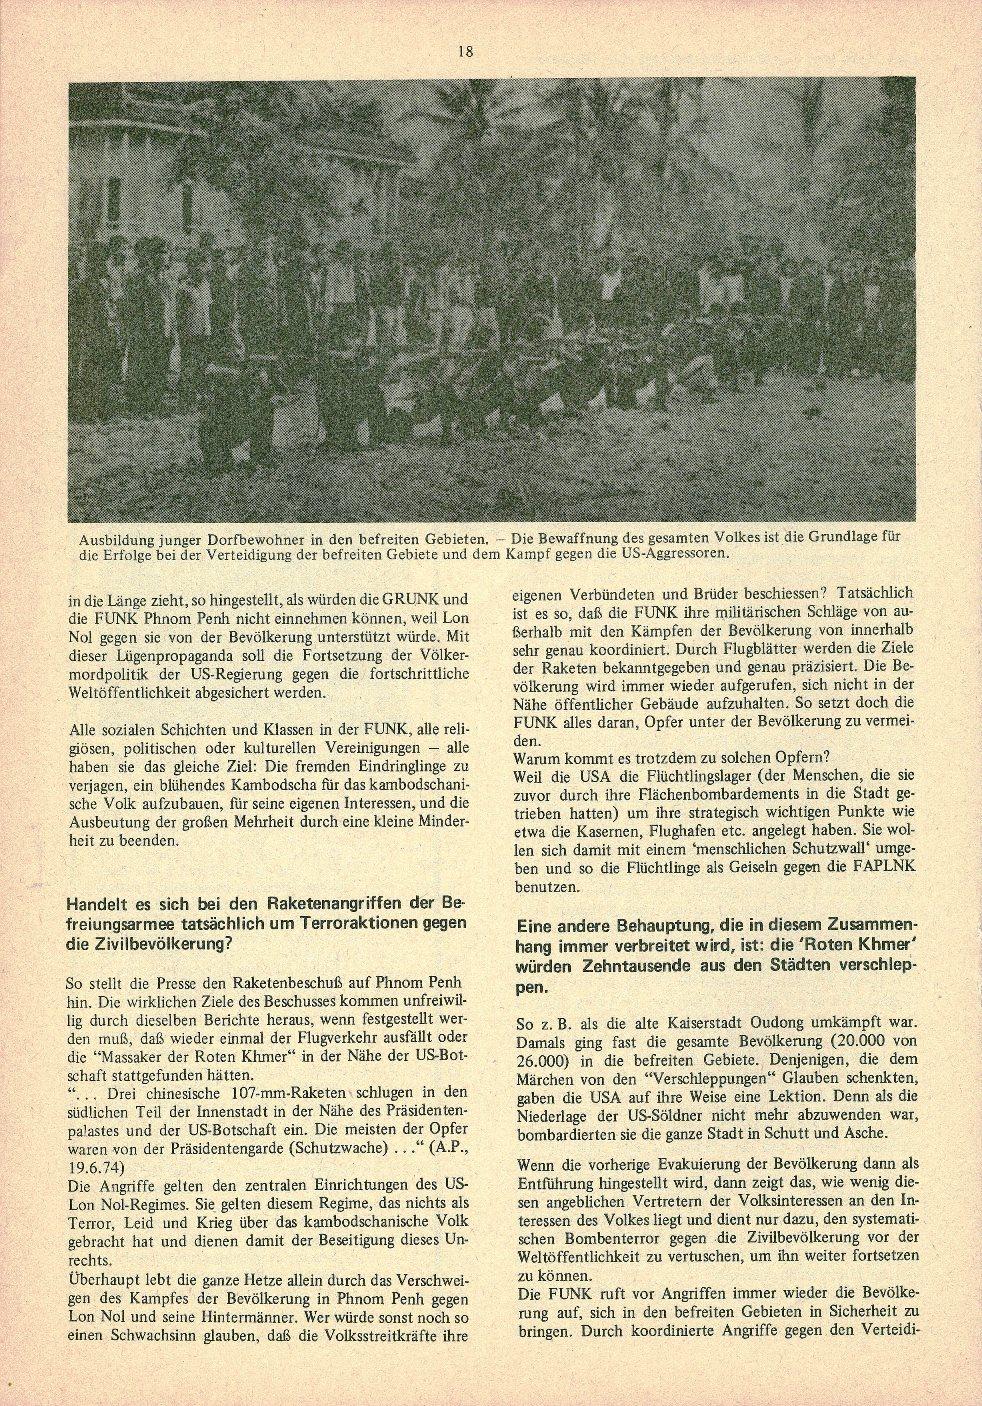 Kambodscha_1974_Das_Volk_besiegt_den_Imperialismus018